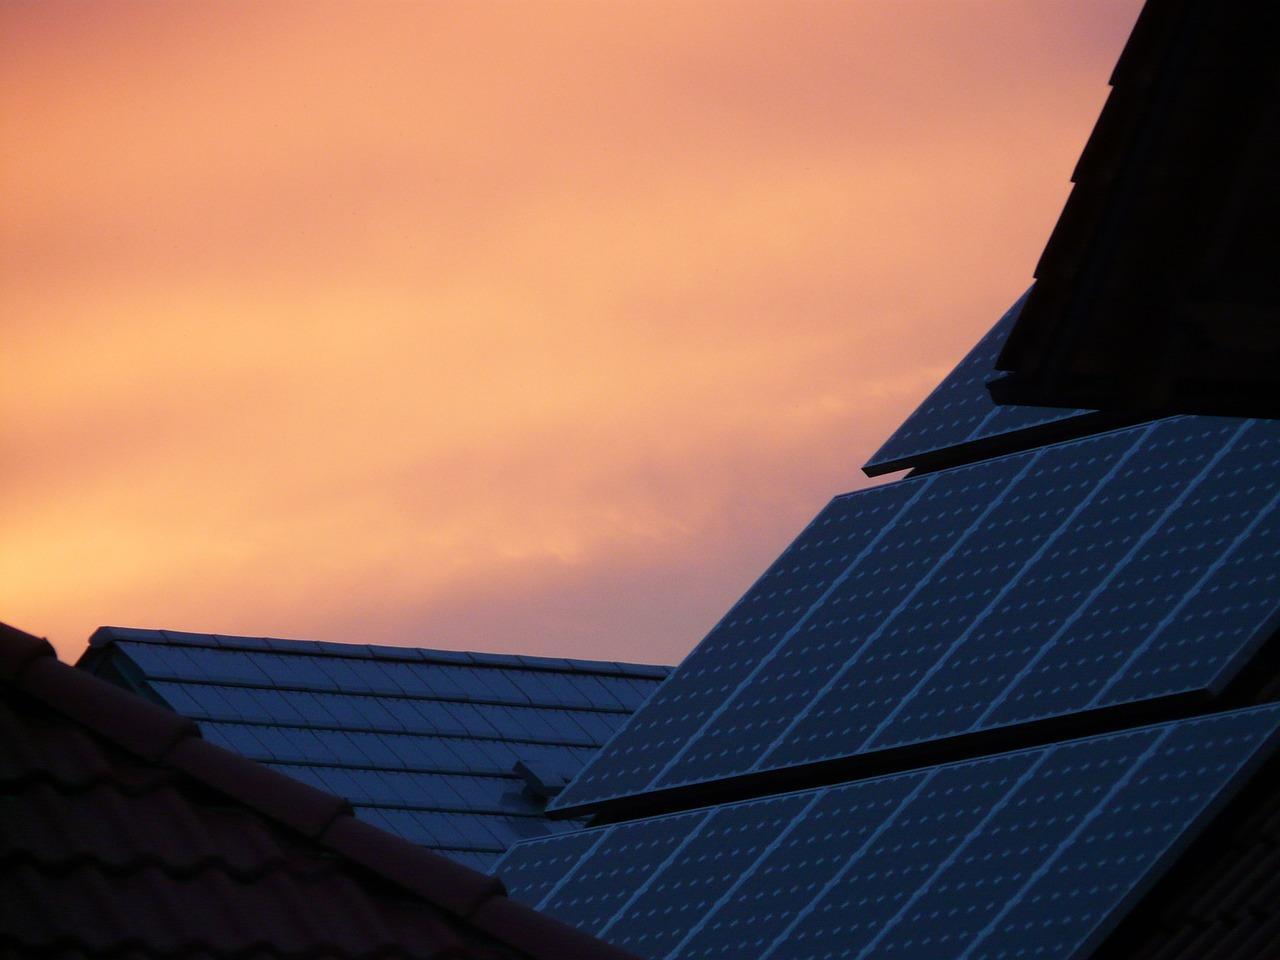 solar-cells-59792_1280-1513033747733.jpg